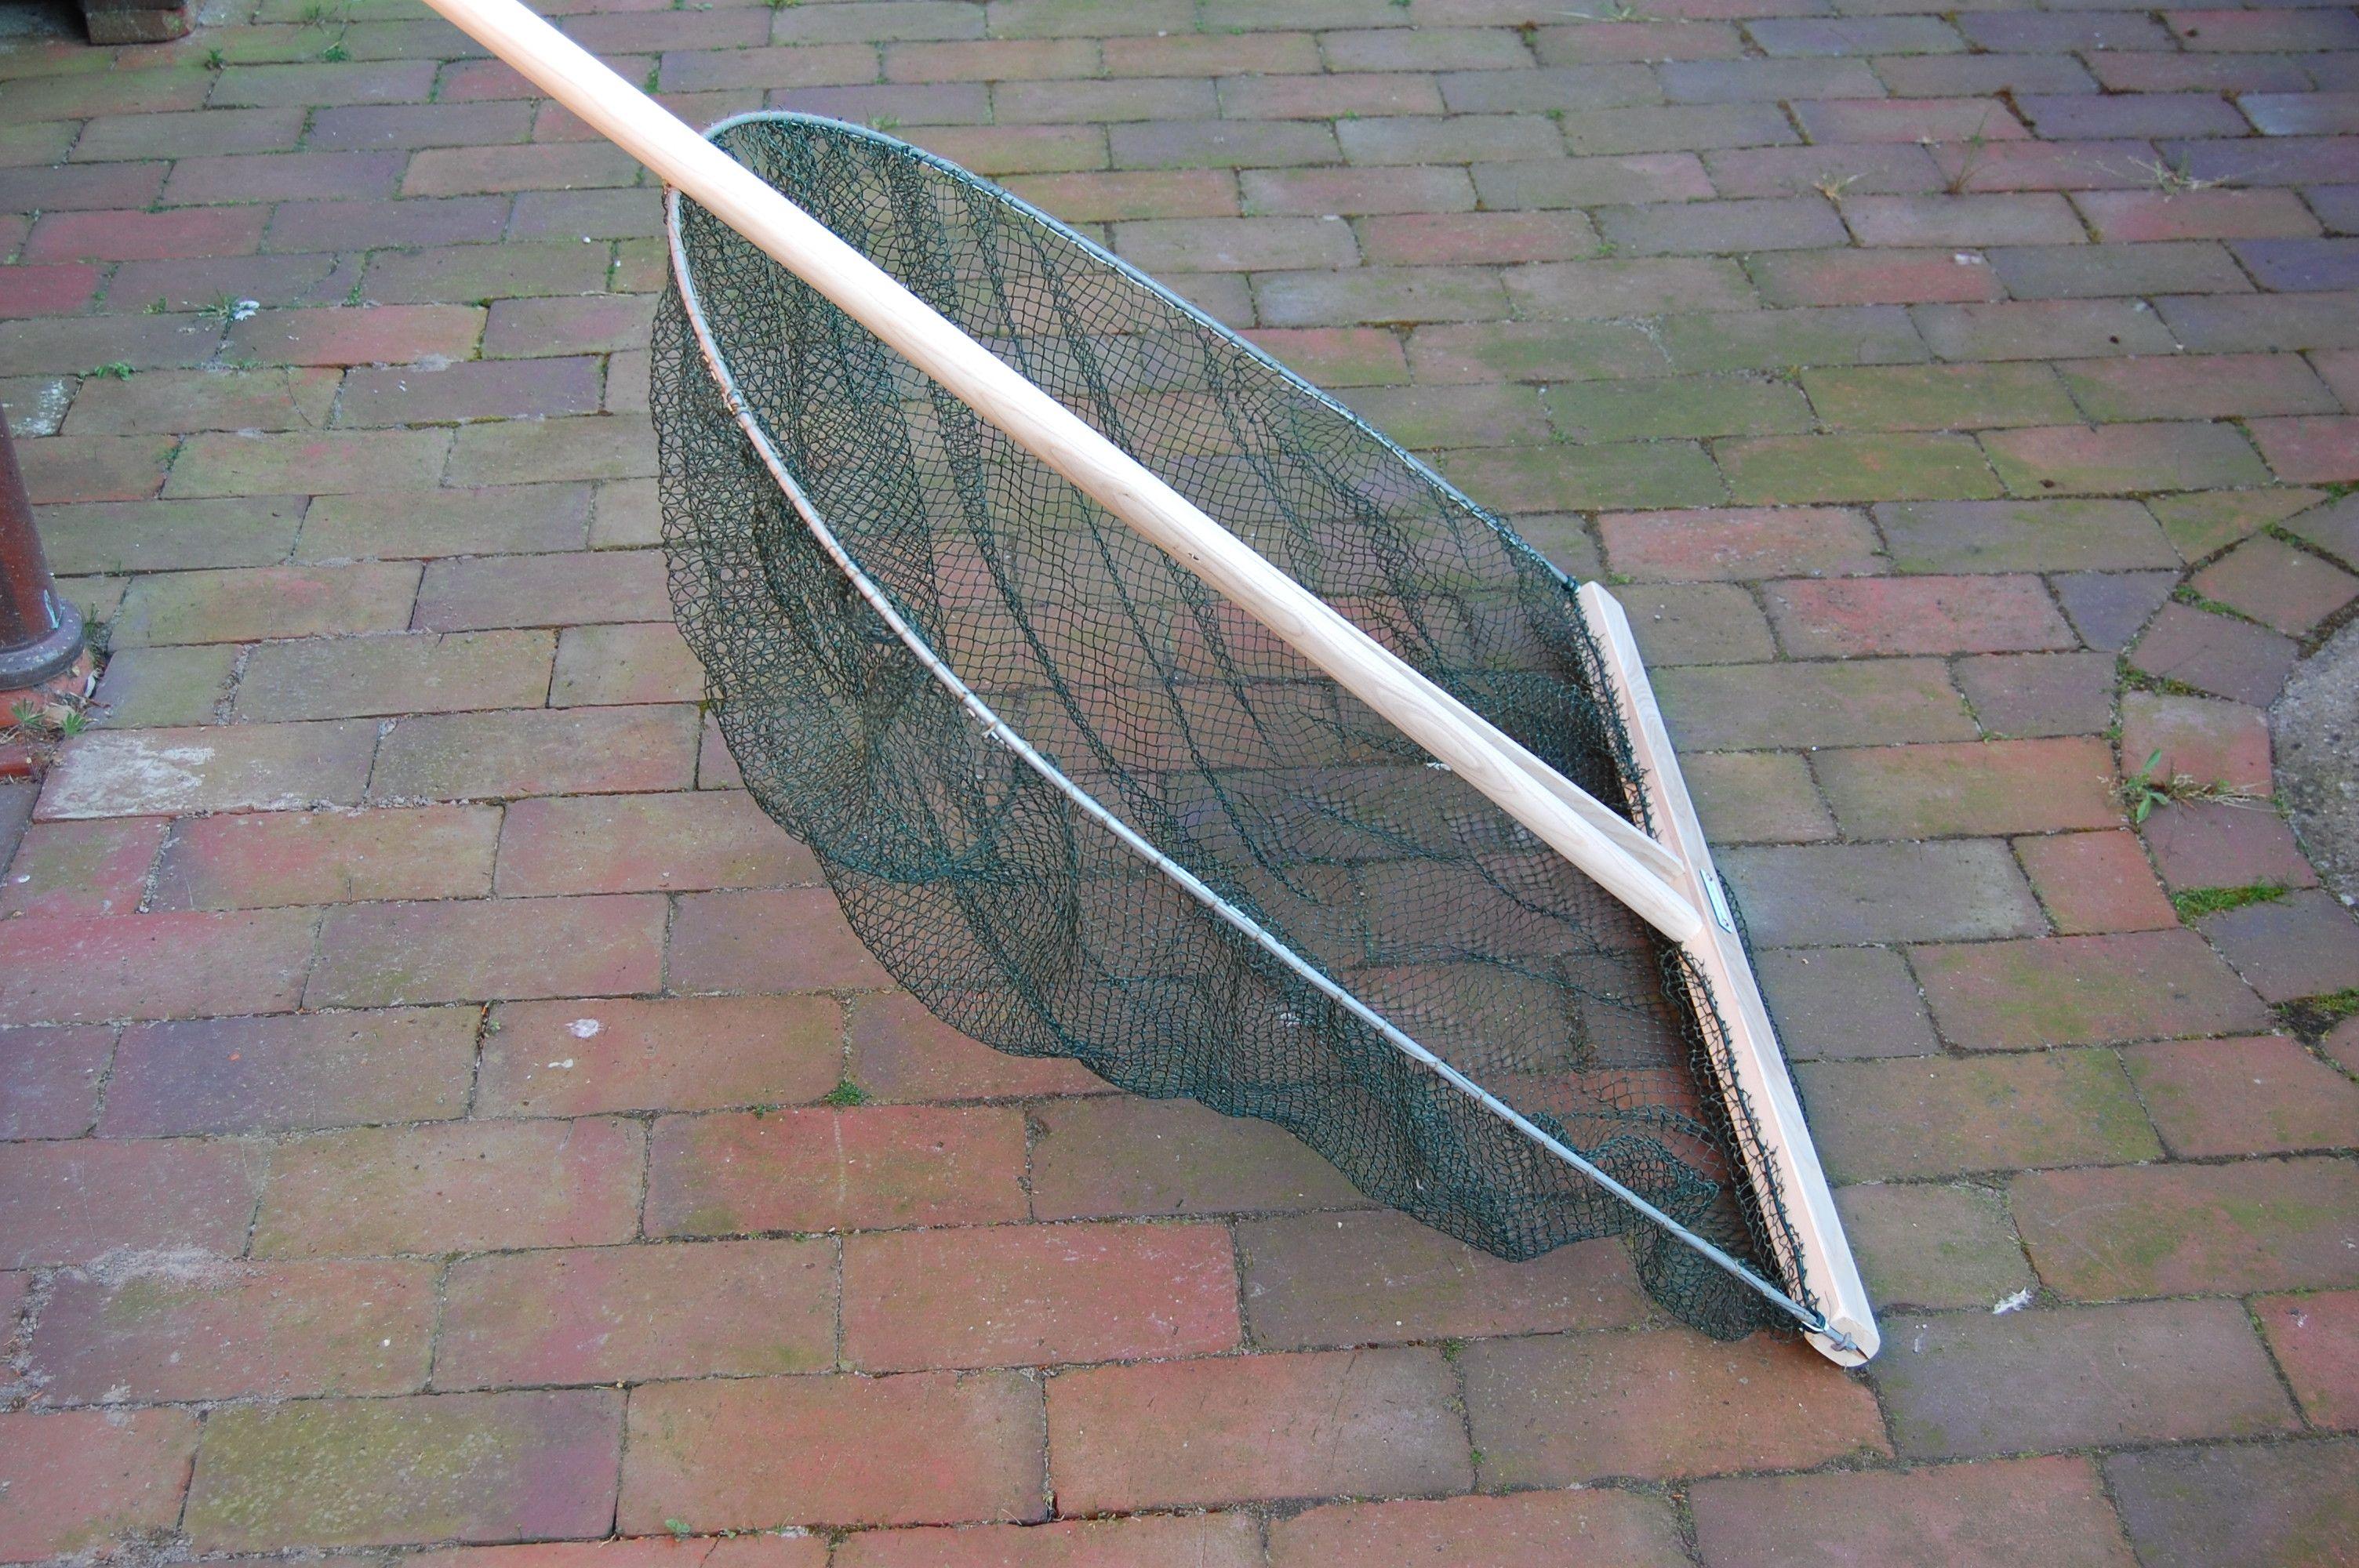 Netze-Seile-Reusen und meehr ... - Gilp Schiebehame für den Fang von Krabben 26010430